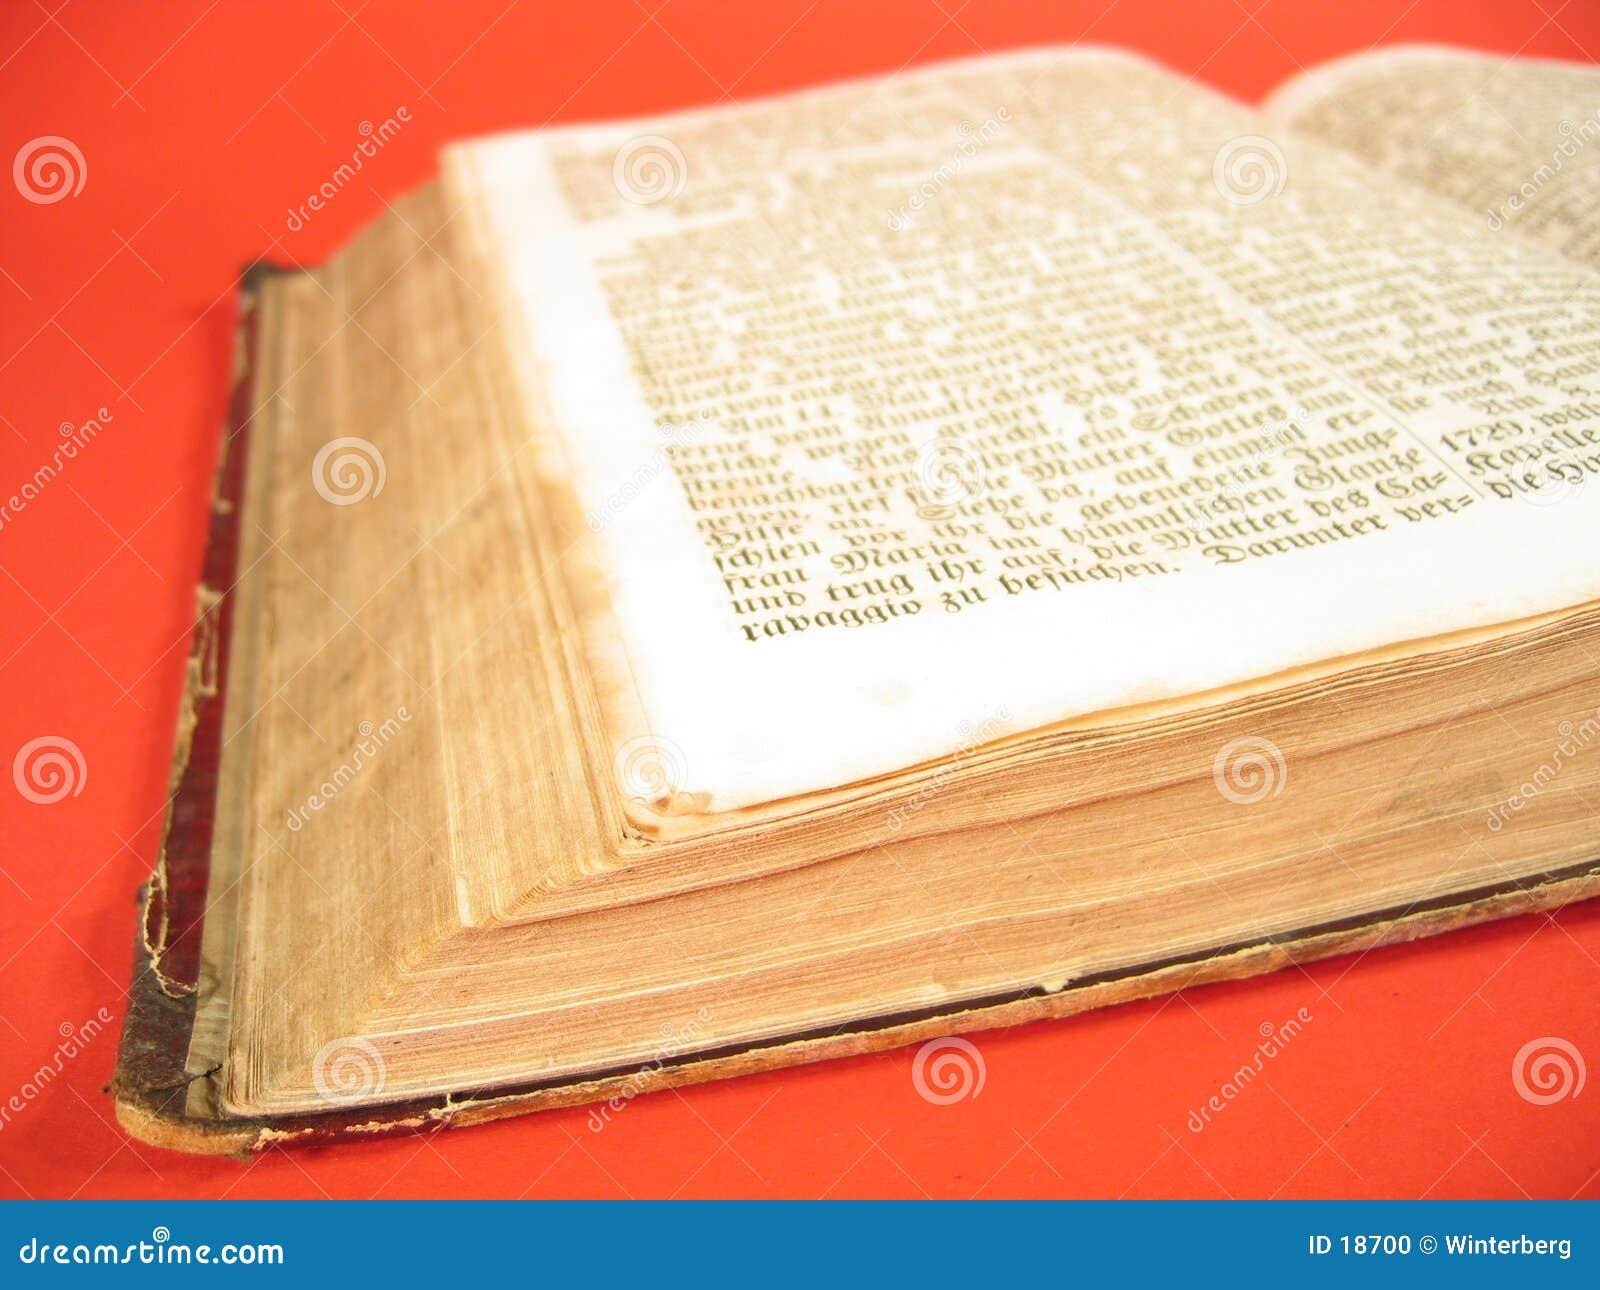 Książka antyków iii